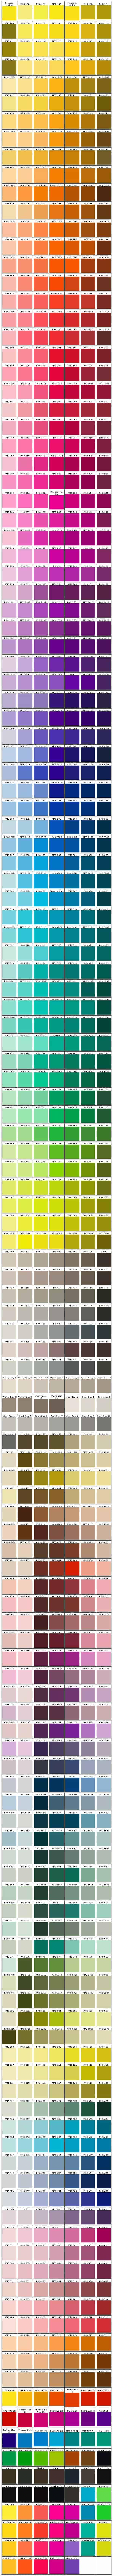 pantone-colours-palette.jpg